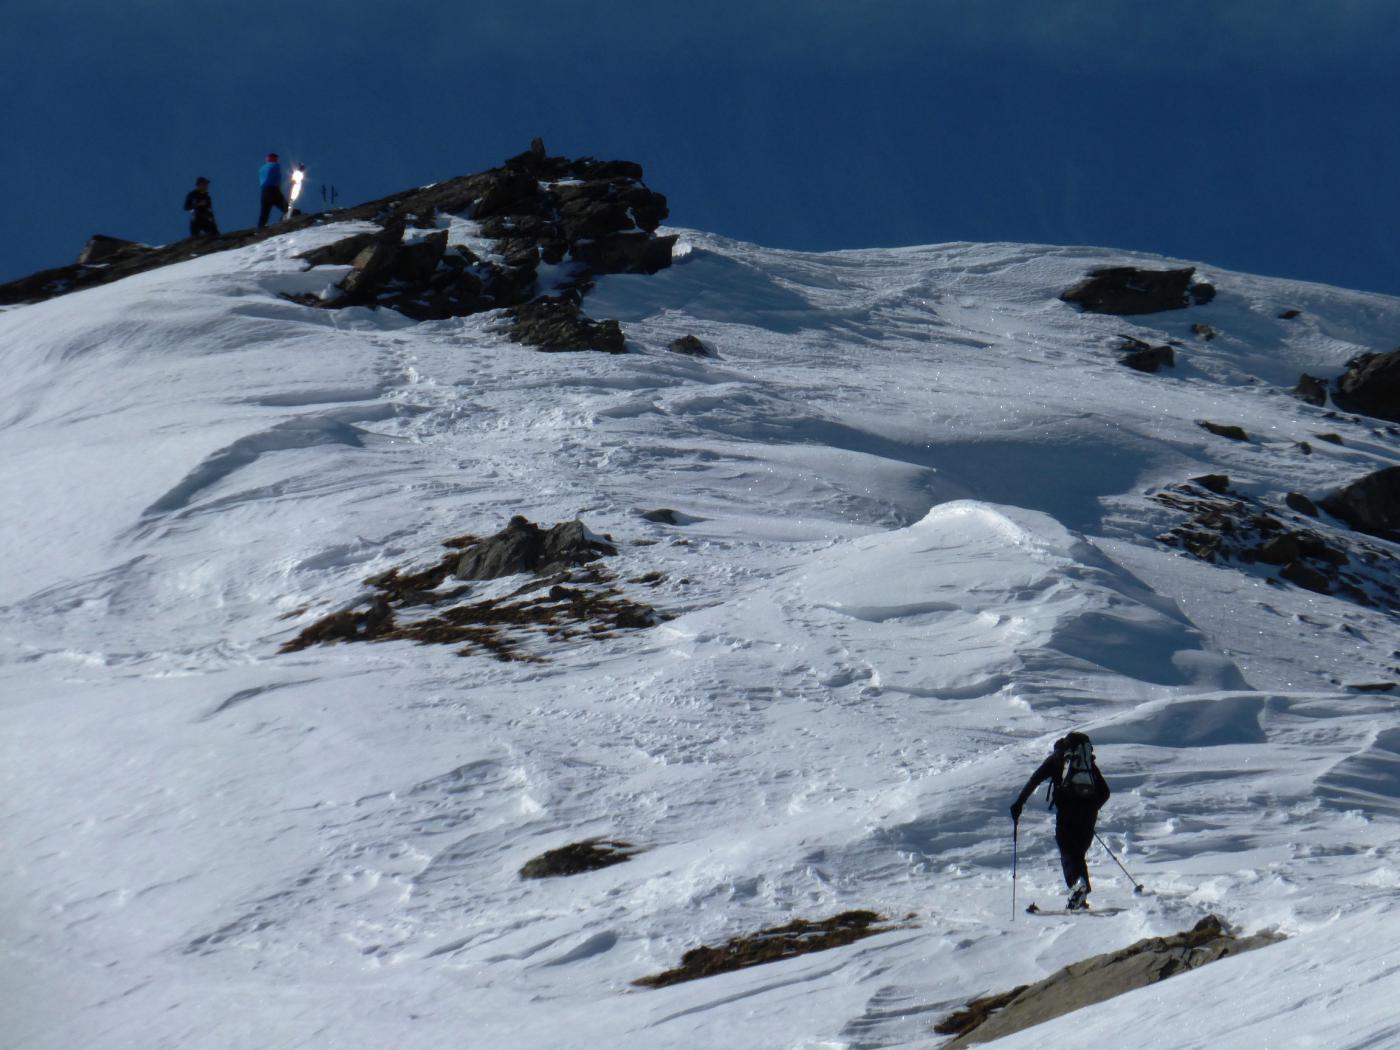 dove si rimettono gli sci sotto la cima